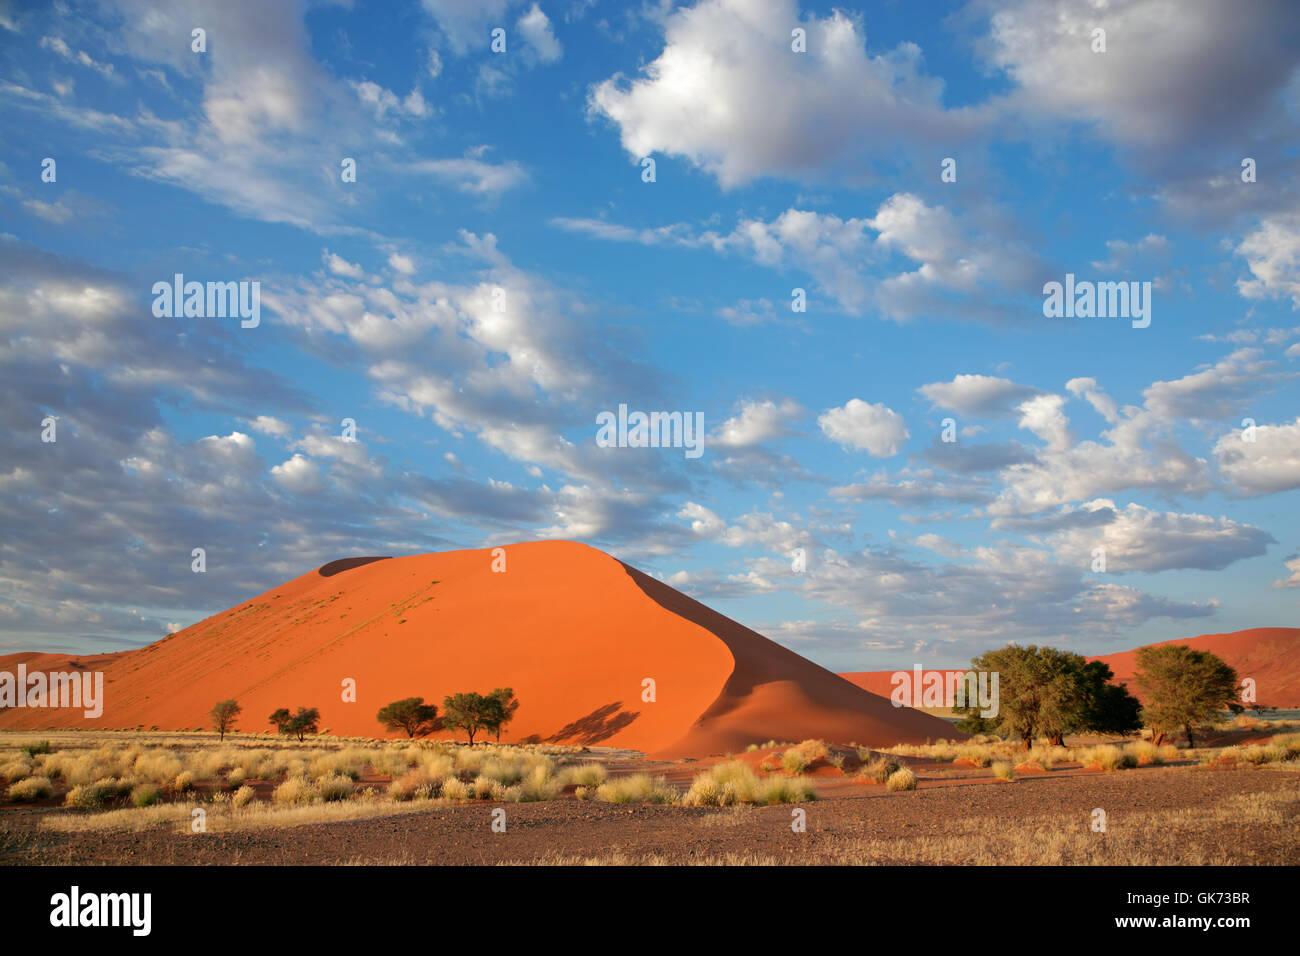 El desierto de Namibia Imagen De Stock